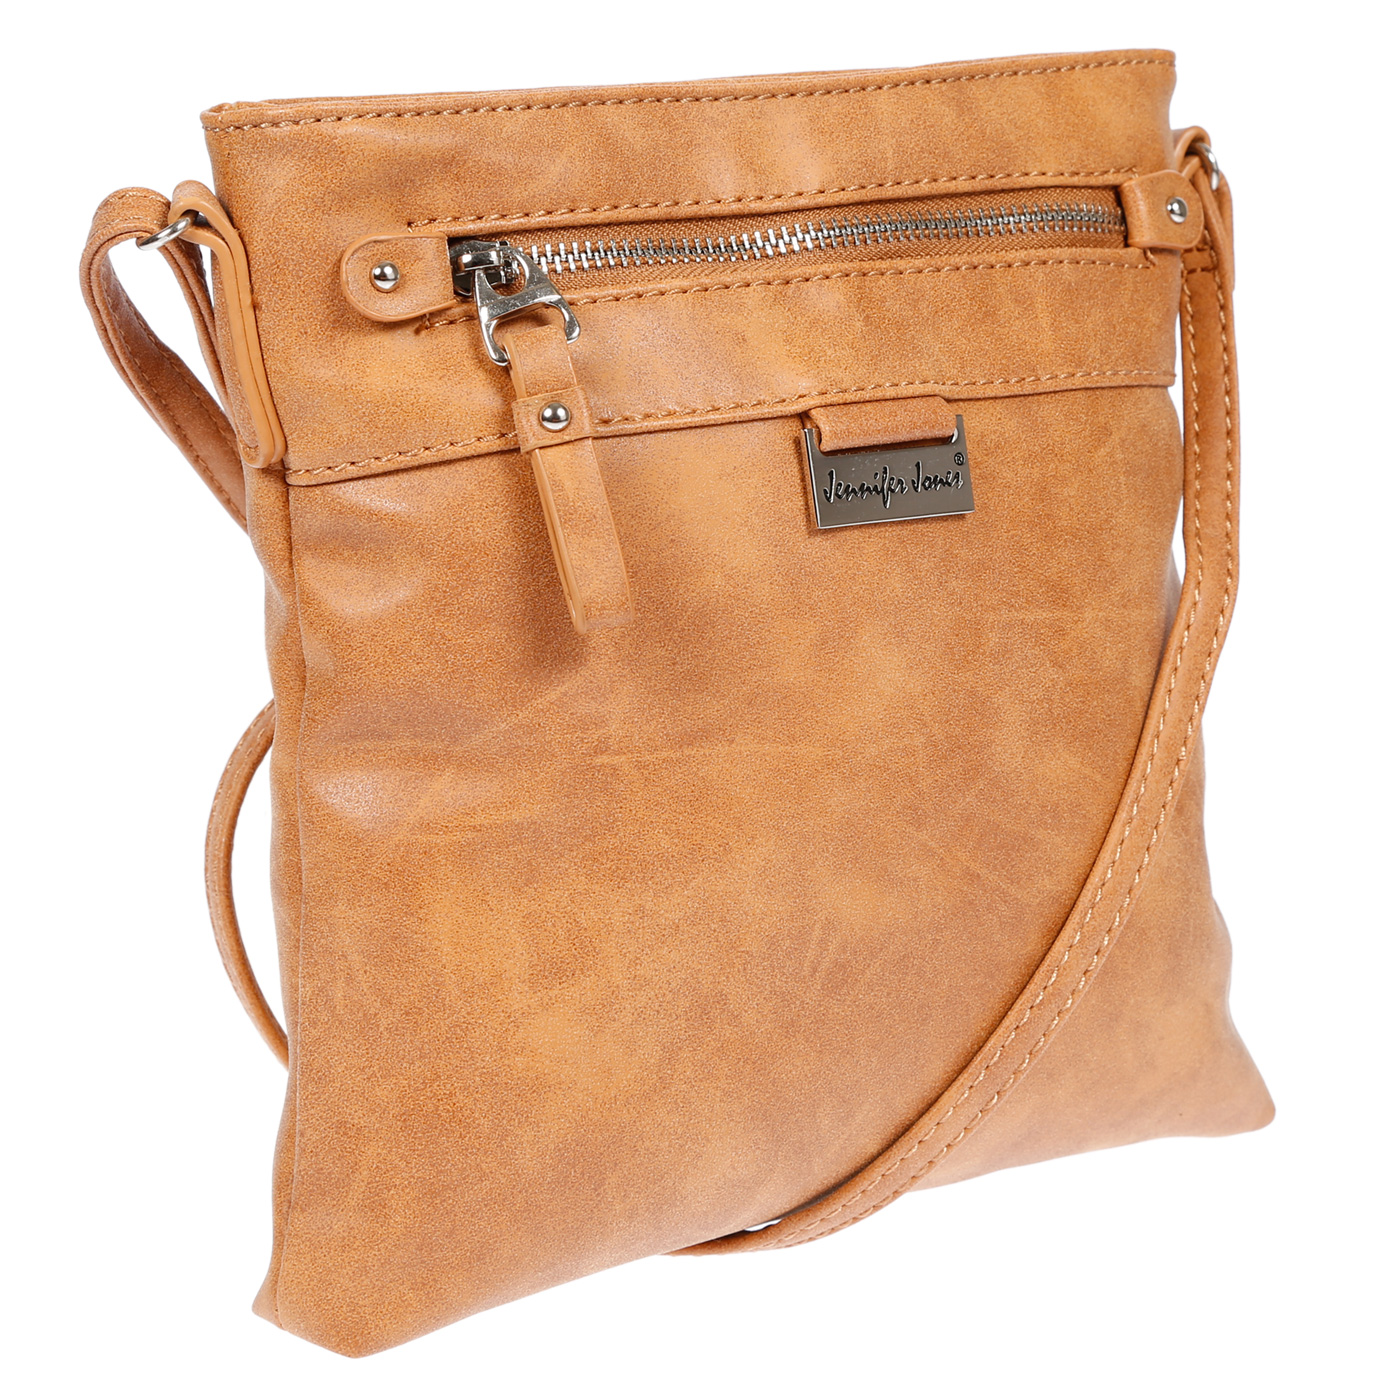 Damen-Handtasche-Umhaengetasche-Schultertasche-Tasche-Leder-Optik-Schwarz-Weiss Indexbild 31